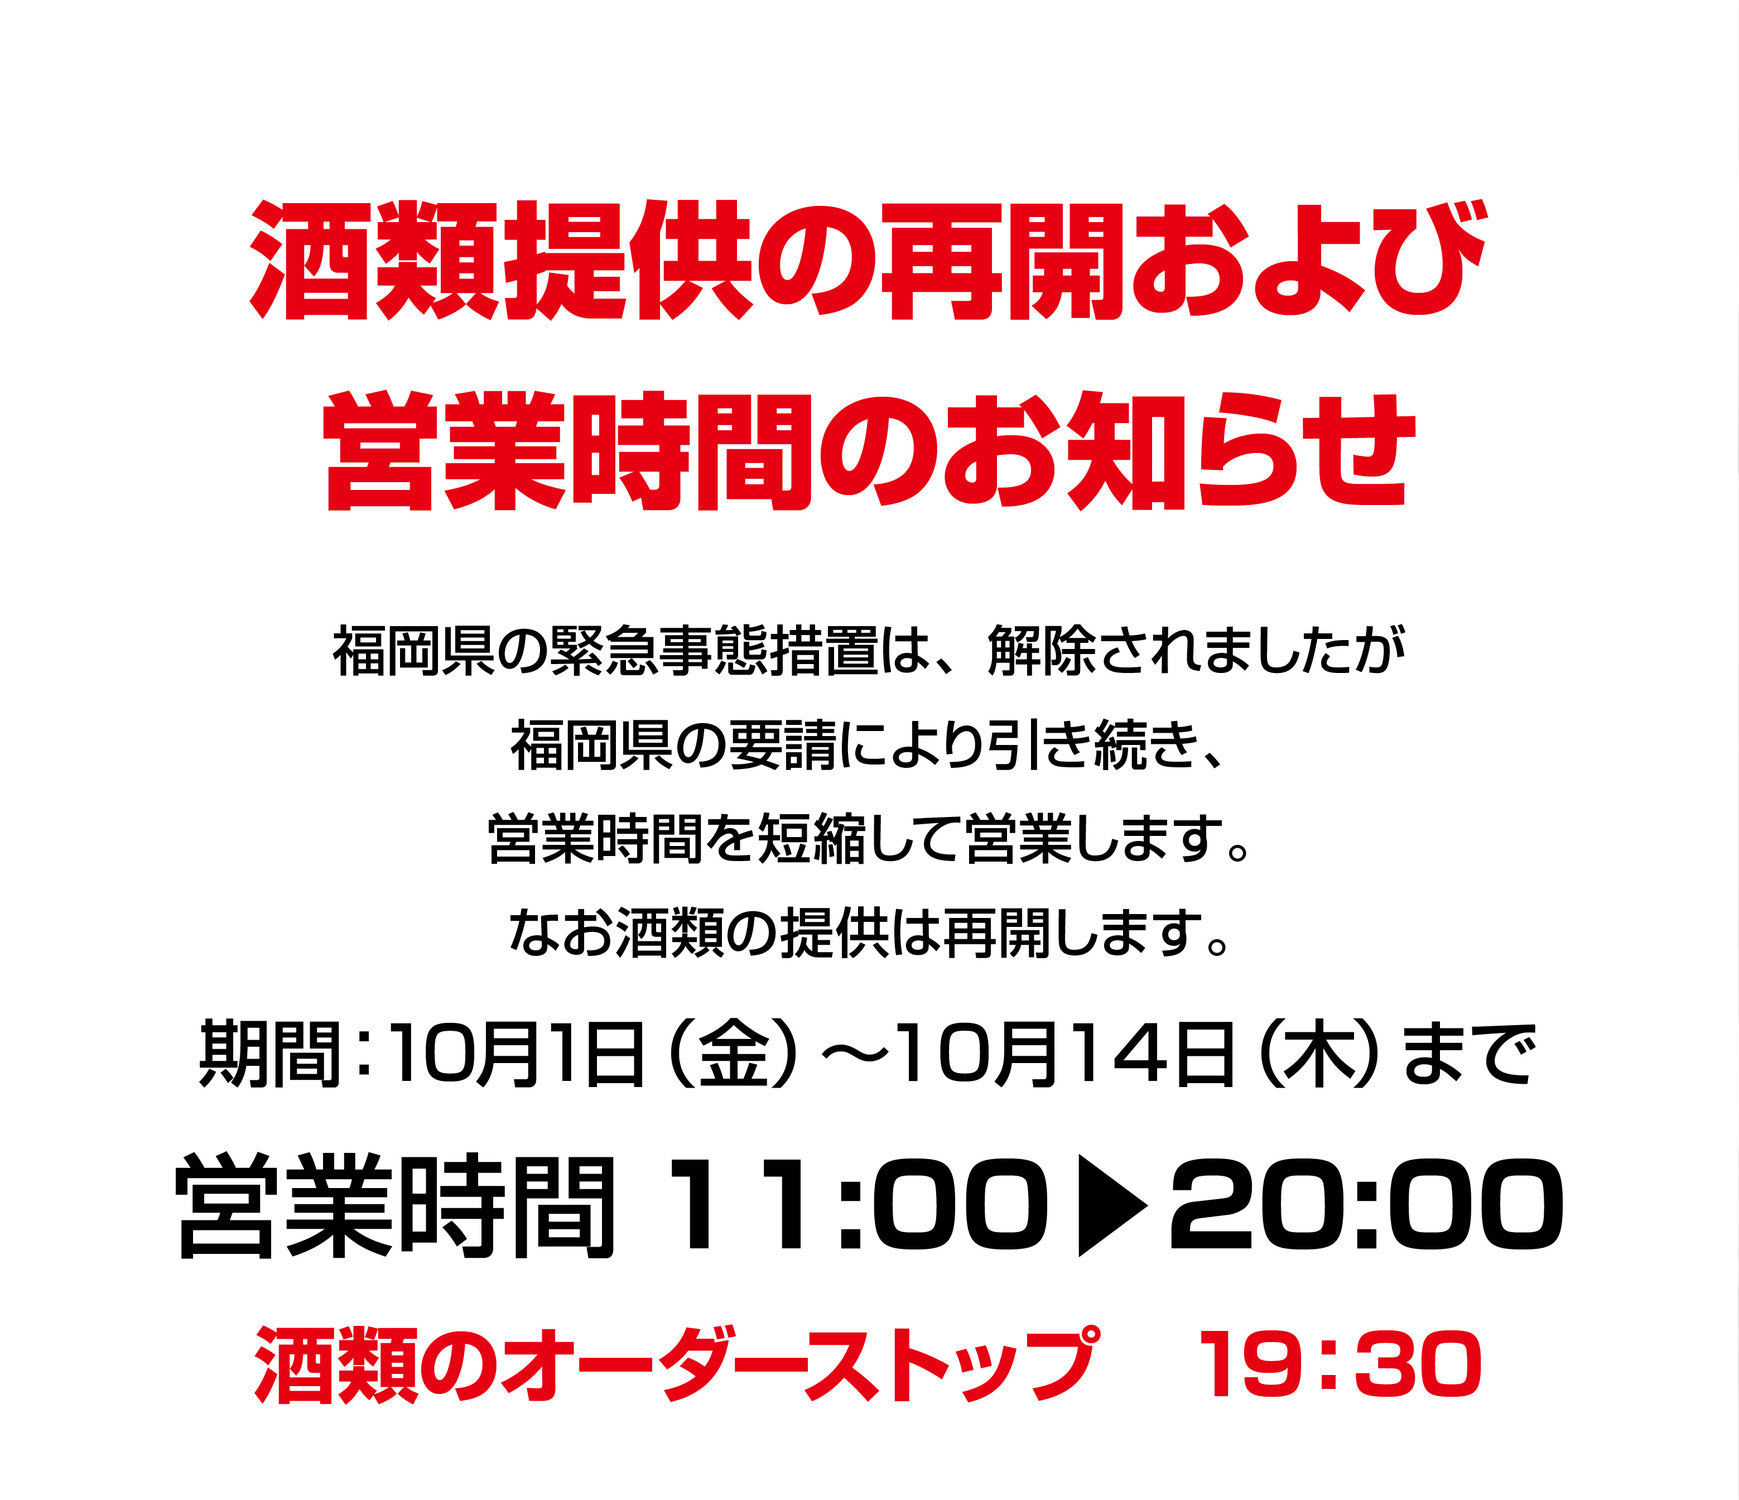 酒類提供再開及び営業時間短縮のお知らせ 【10/1~】